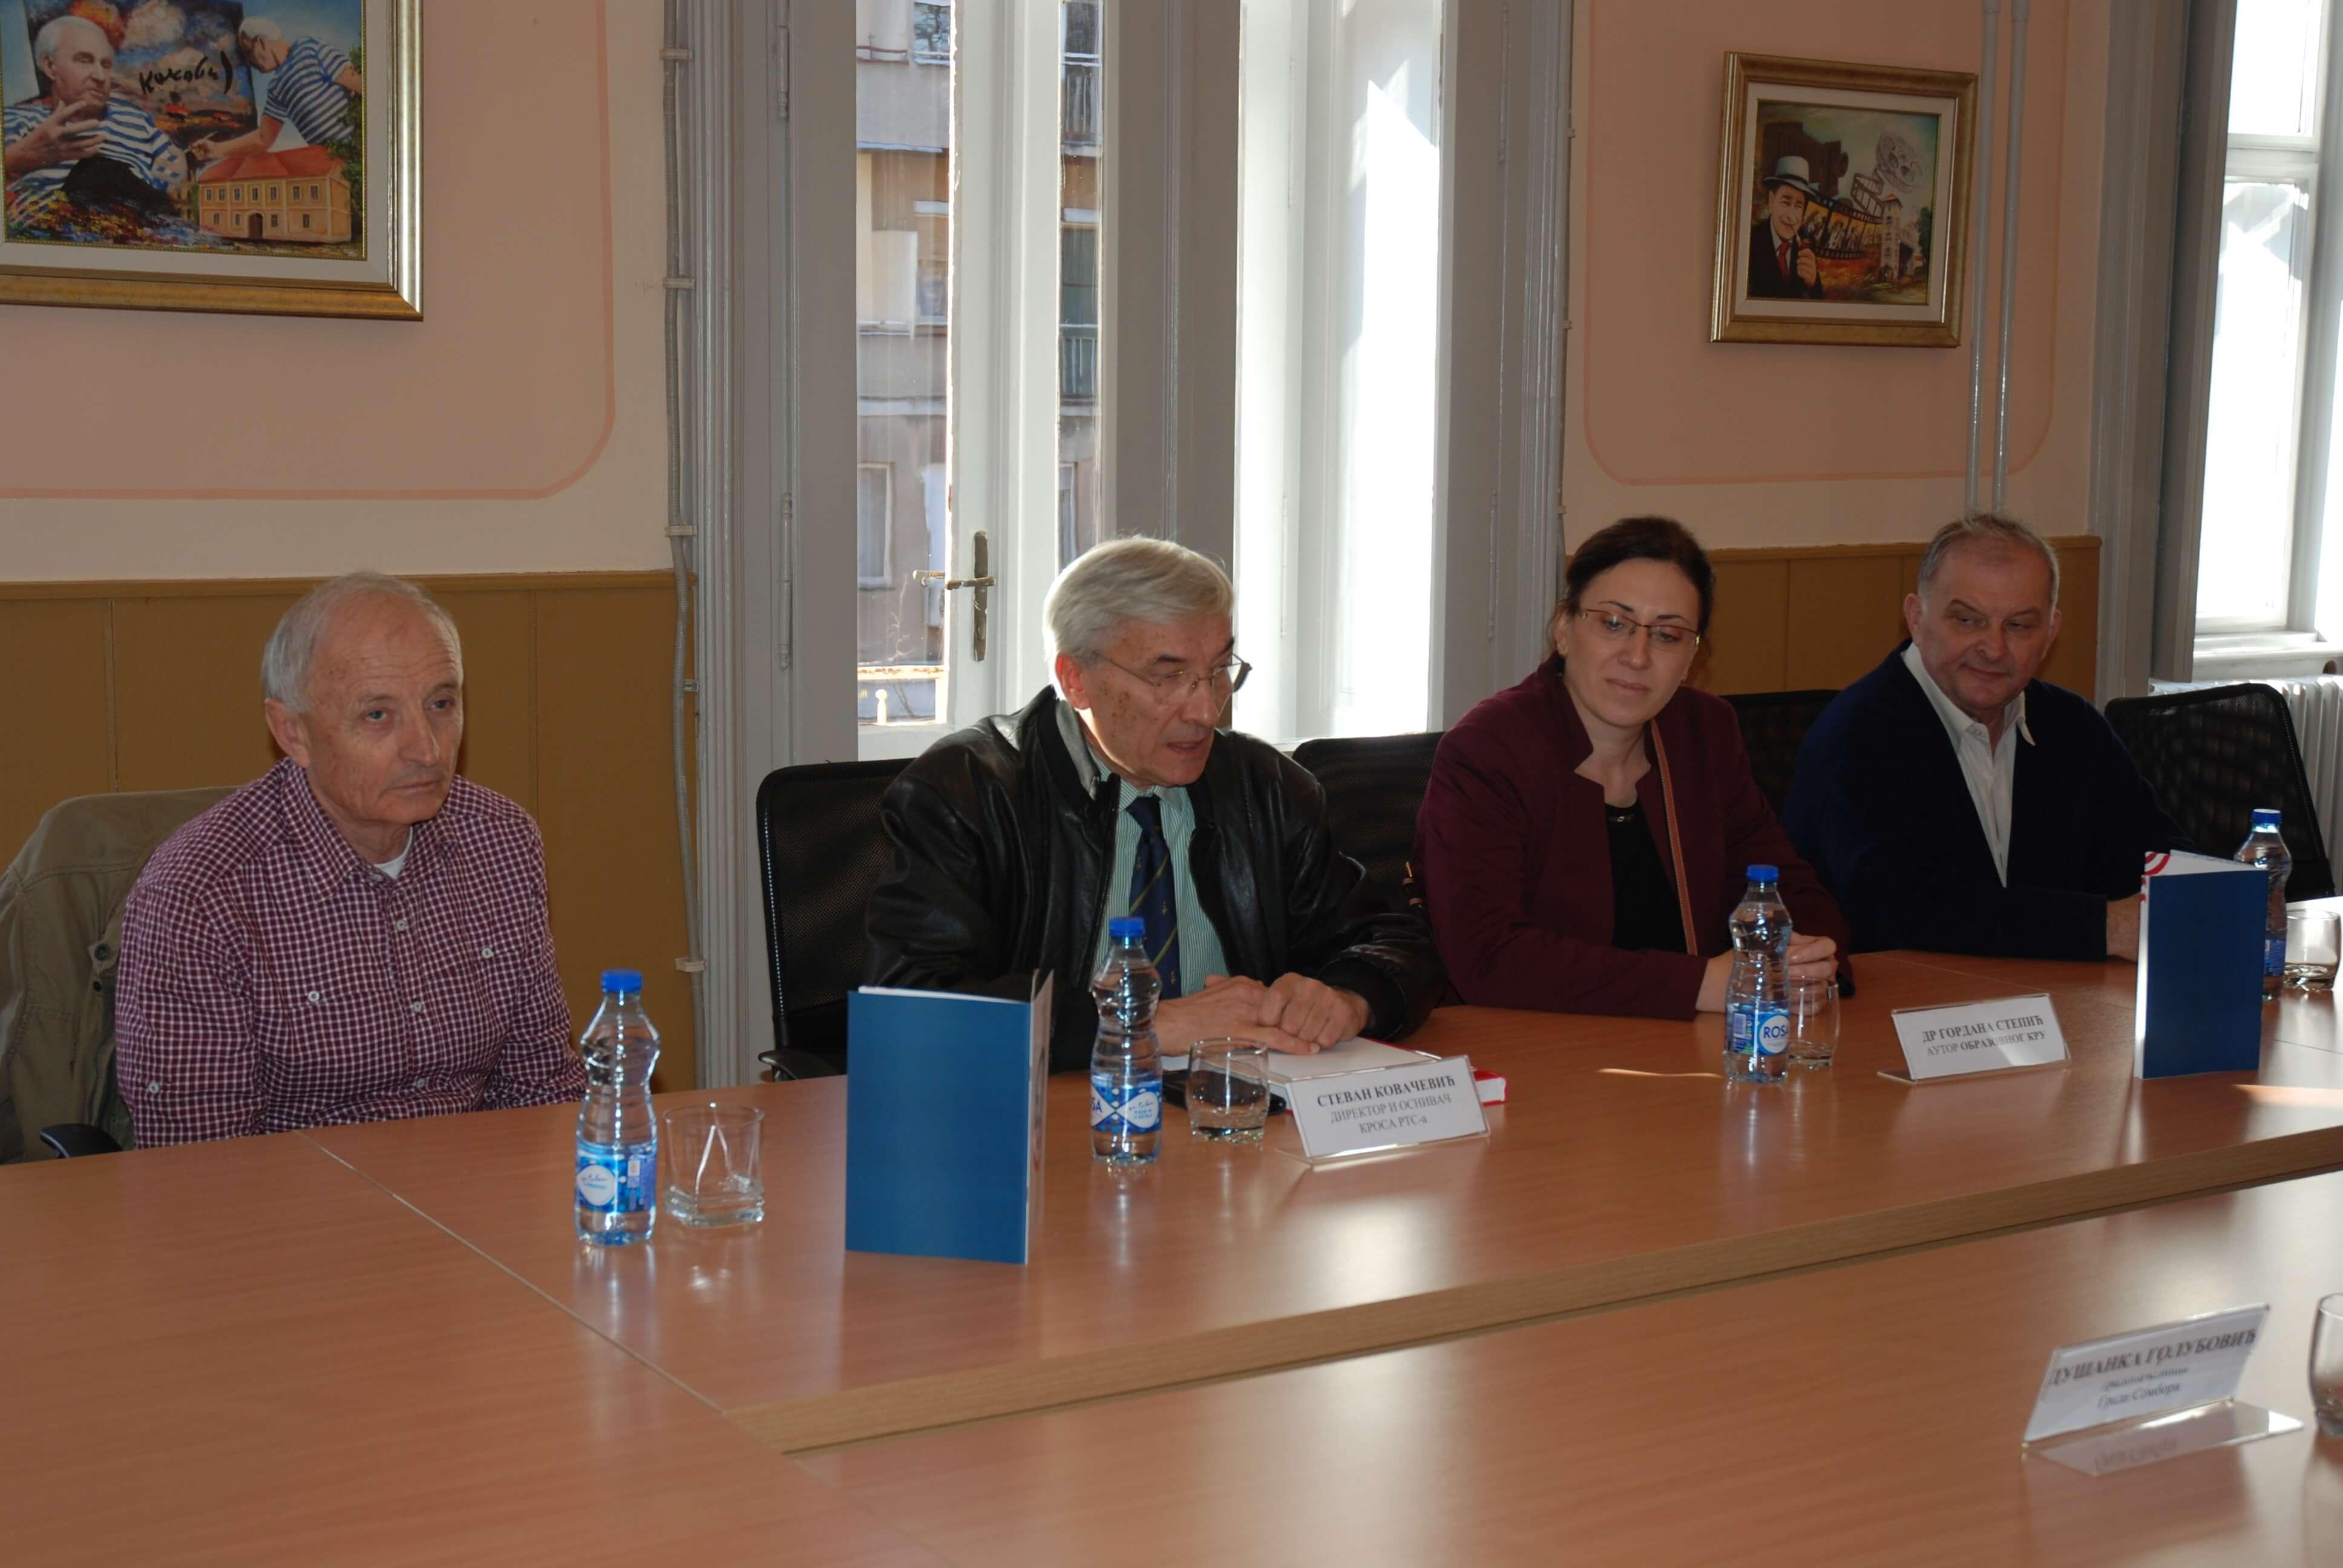 Образложење добитницима награде прочитао Стеван Ковачевић, директор и оснивач Кроса РТС-а